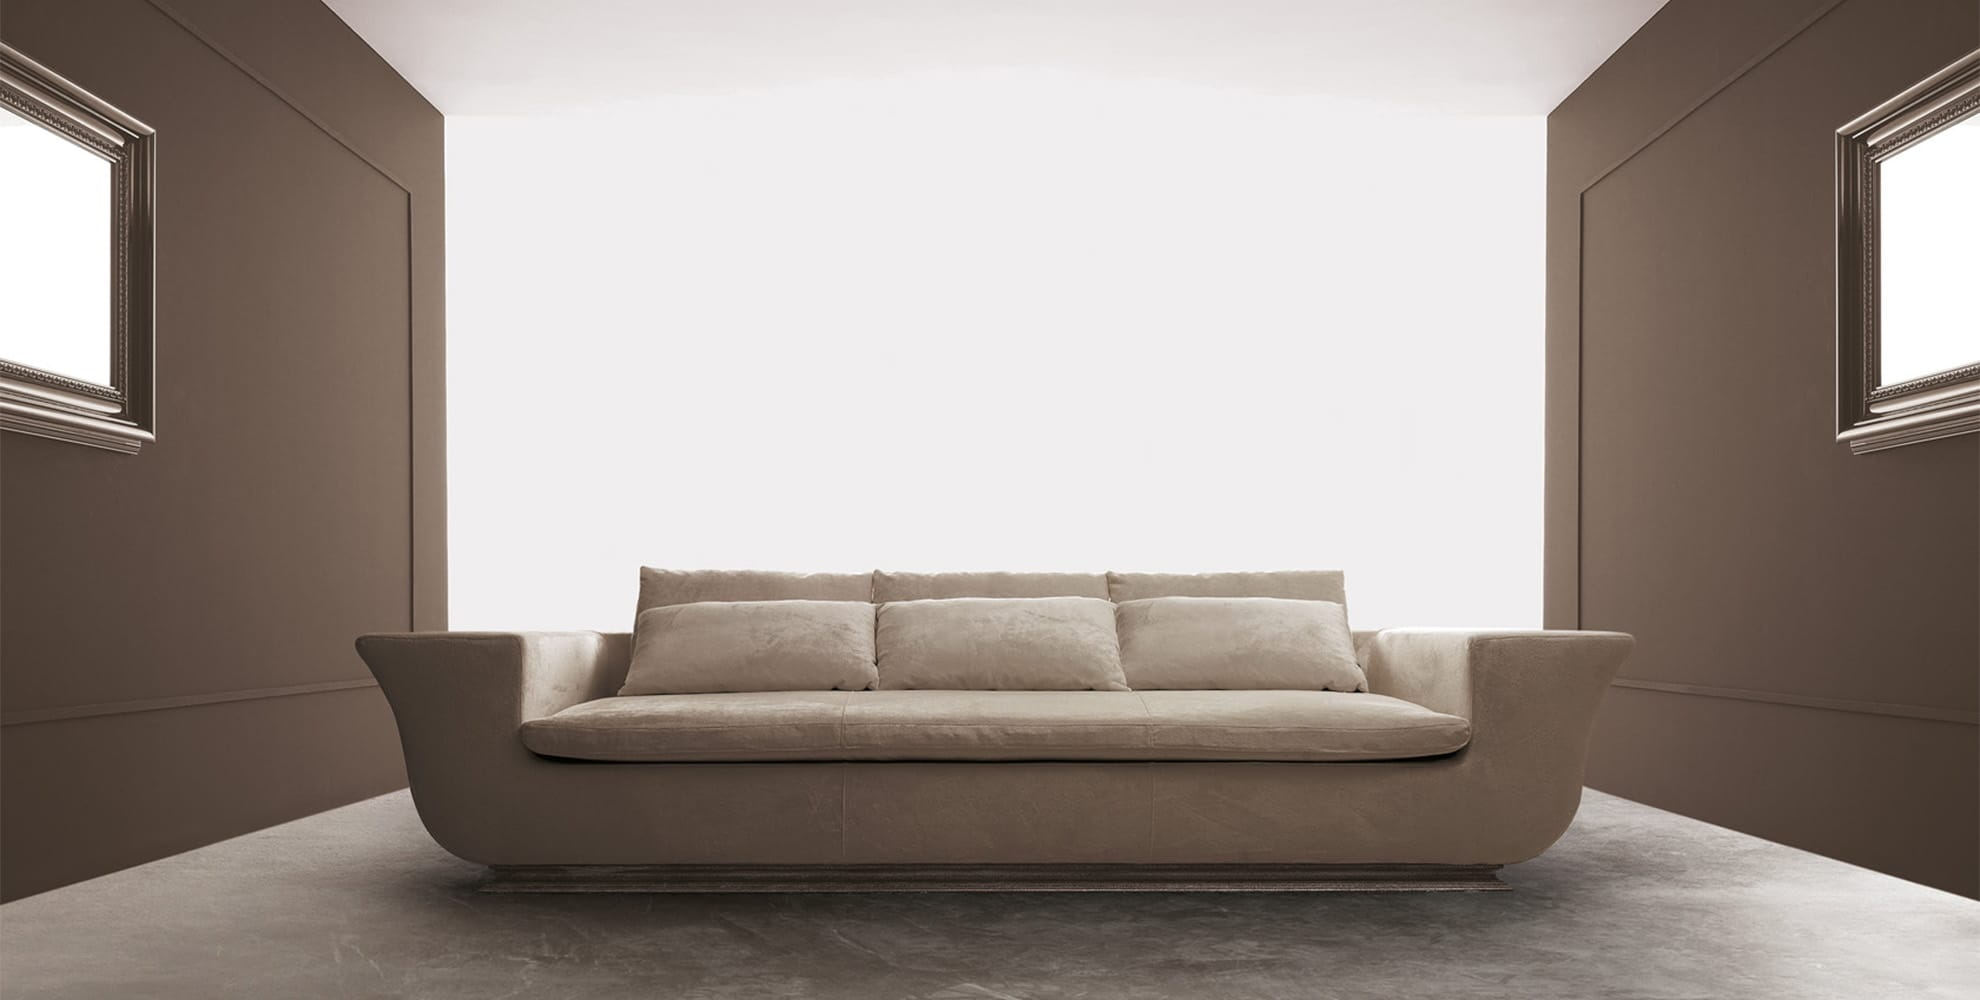 Divano kasanova divano avior in pelle casanova arredamenti